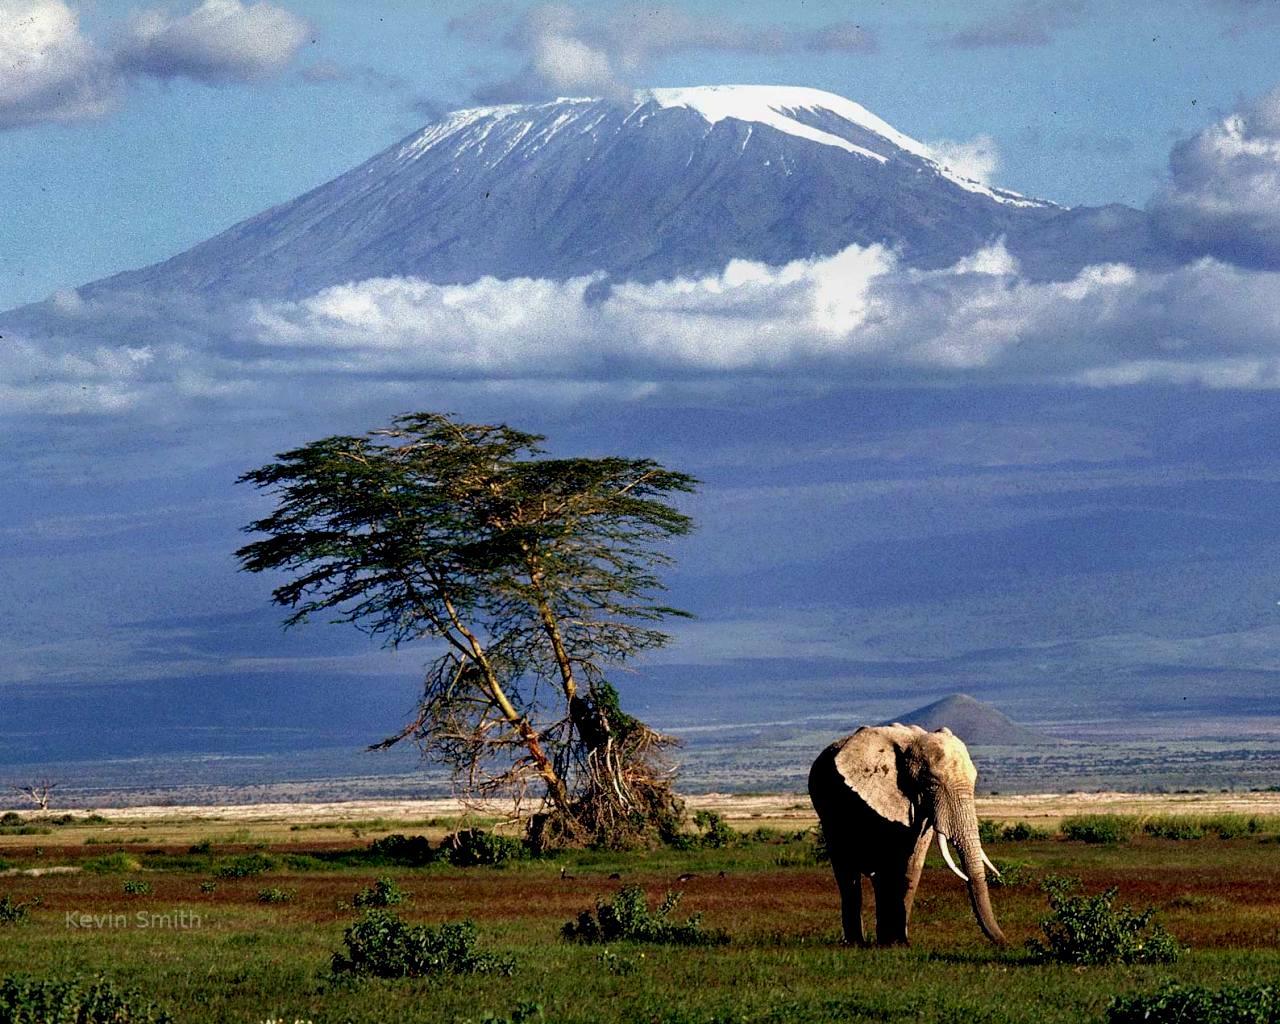 der h chste berg afrikas der kilimandscharo wie gross wie schwer wie weit wie hoch. Black Bedroom Furniture Sets. Home Design Ideas